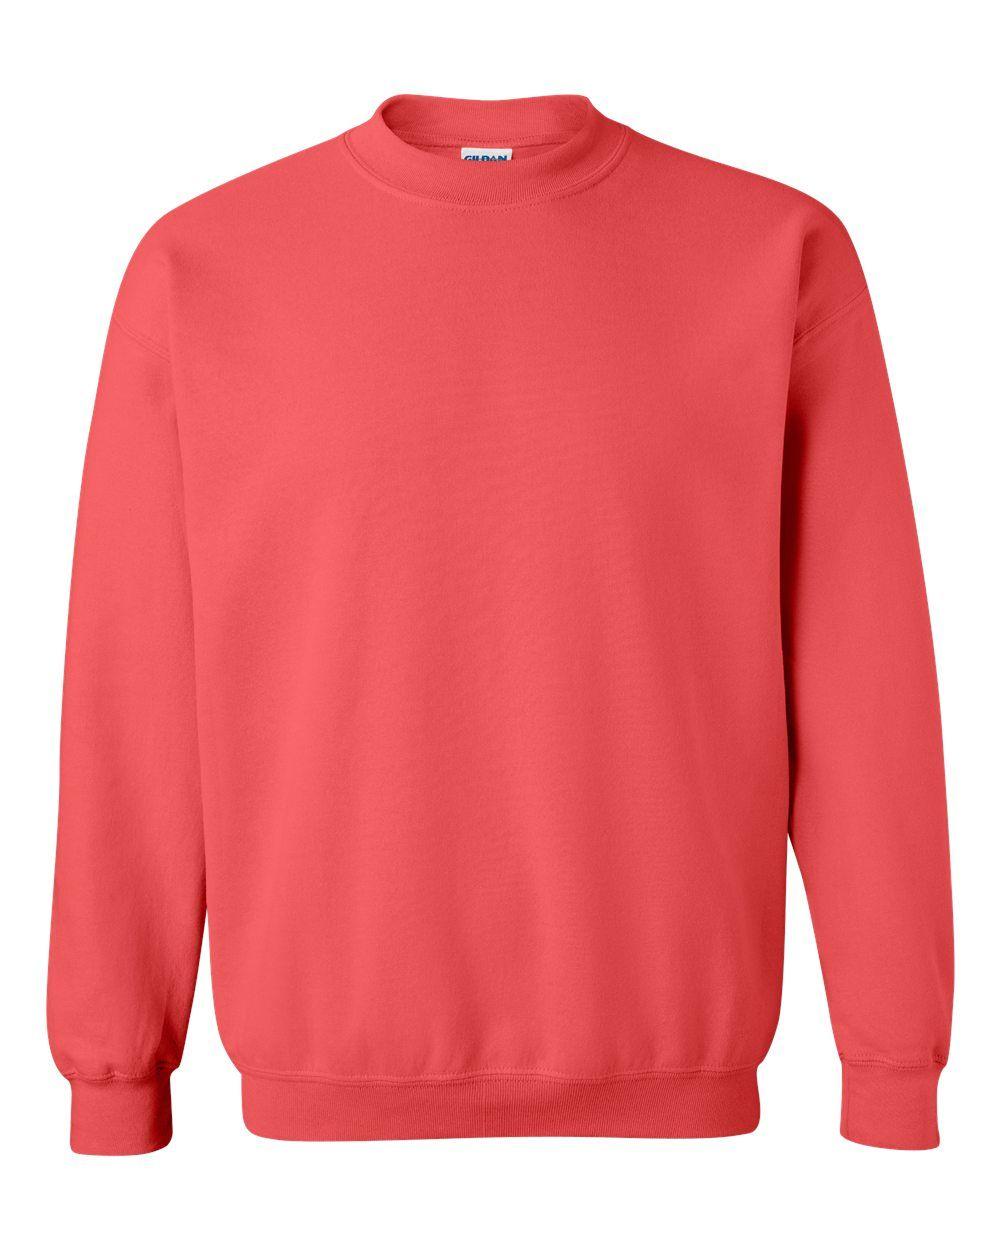 Gildan Heavy Blend Crewneck Sweatshirt 18000 In 2021 Crew Neck Sweatshirt Sweatshirts Sweater Outfits Men [ 1250 x 1000 Pixel ]